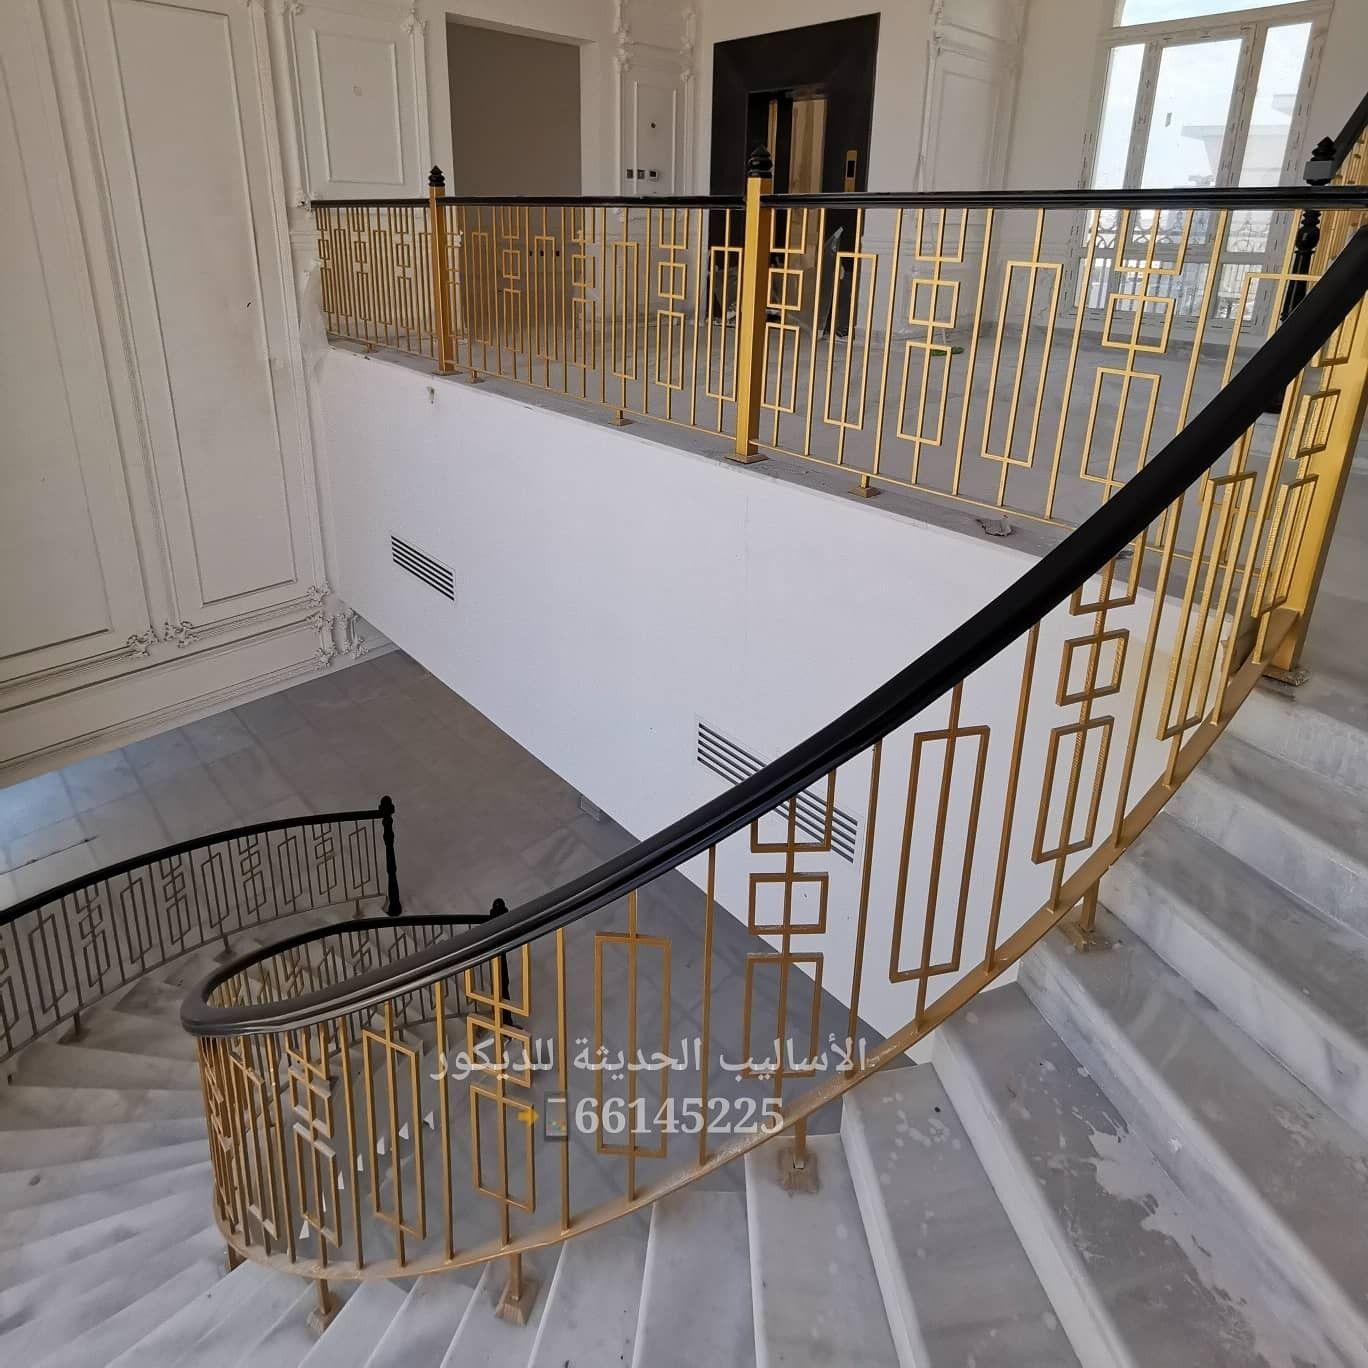 الاساليب الحديثة للديكور 6614522t Handrail Decor Home Decor